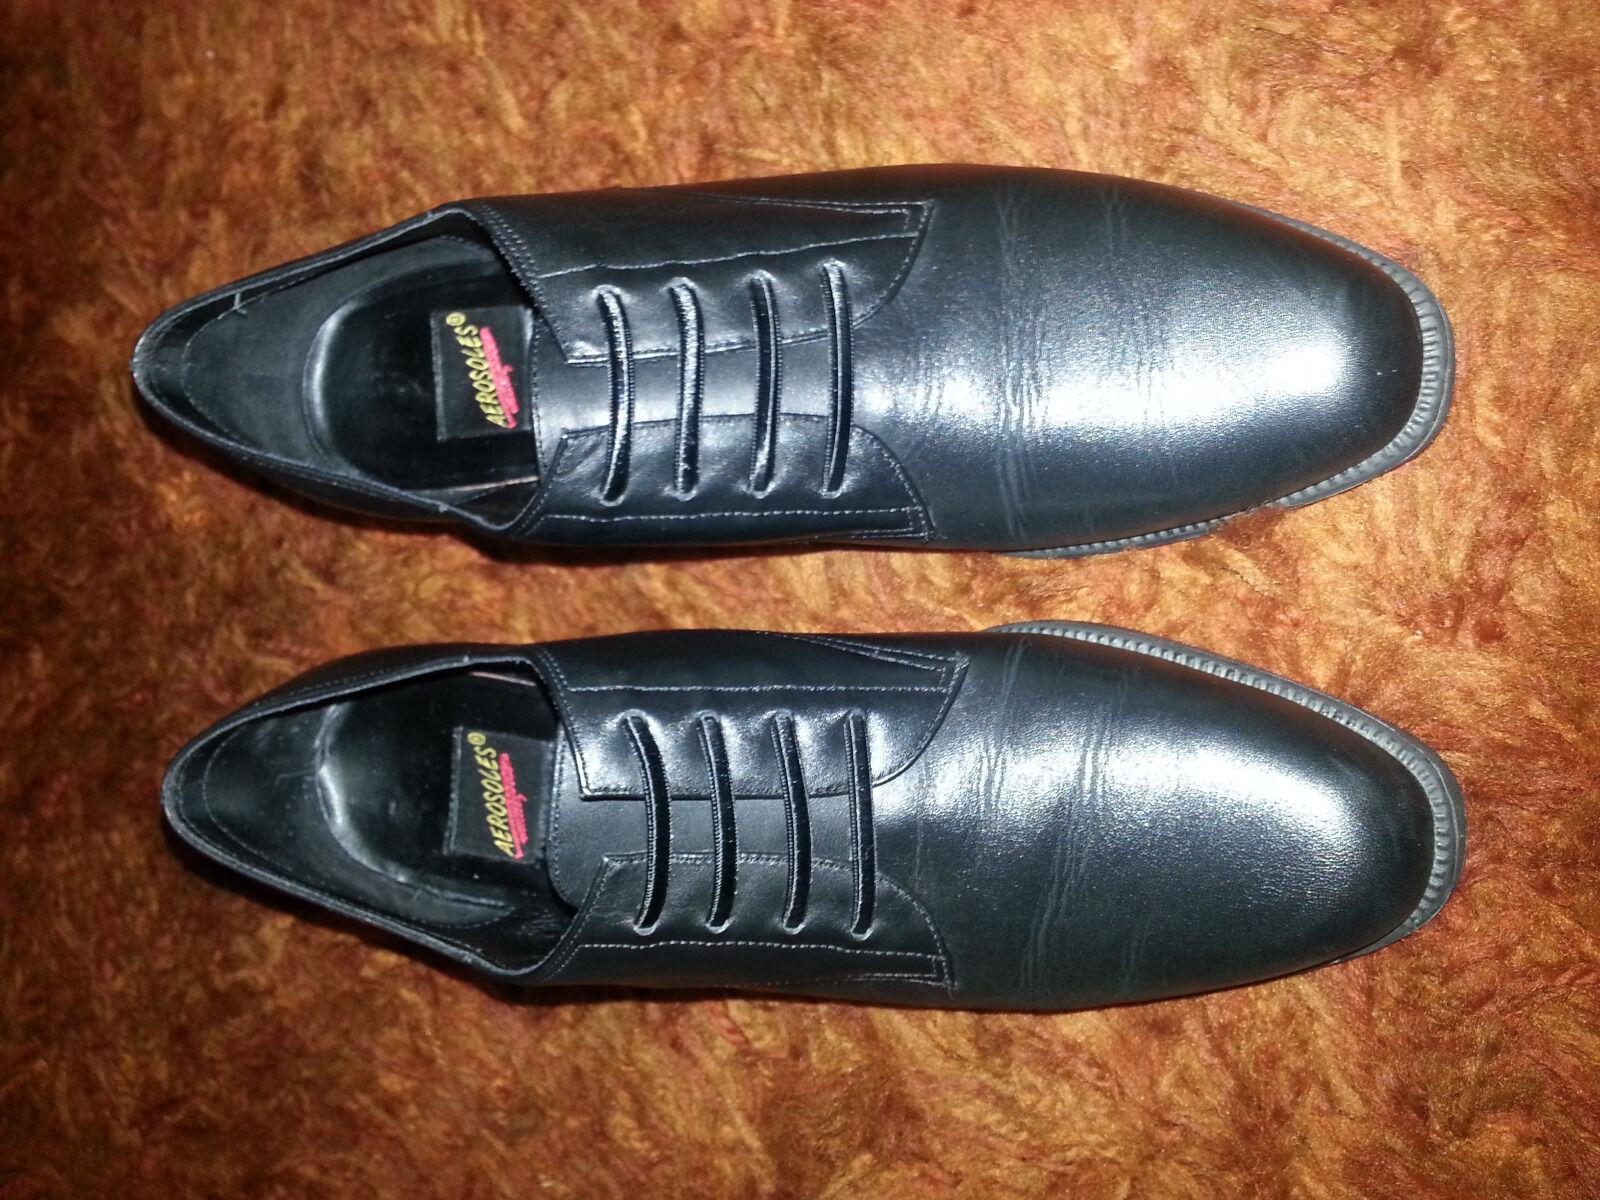 Aerosoles Femme chaussures Heely um en cuir noir 9B livraison gratuite